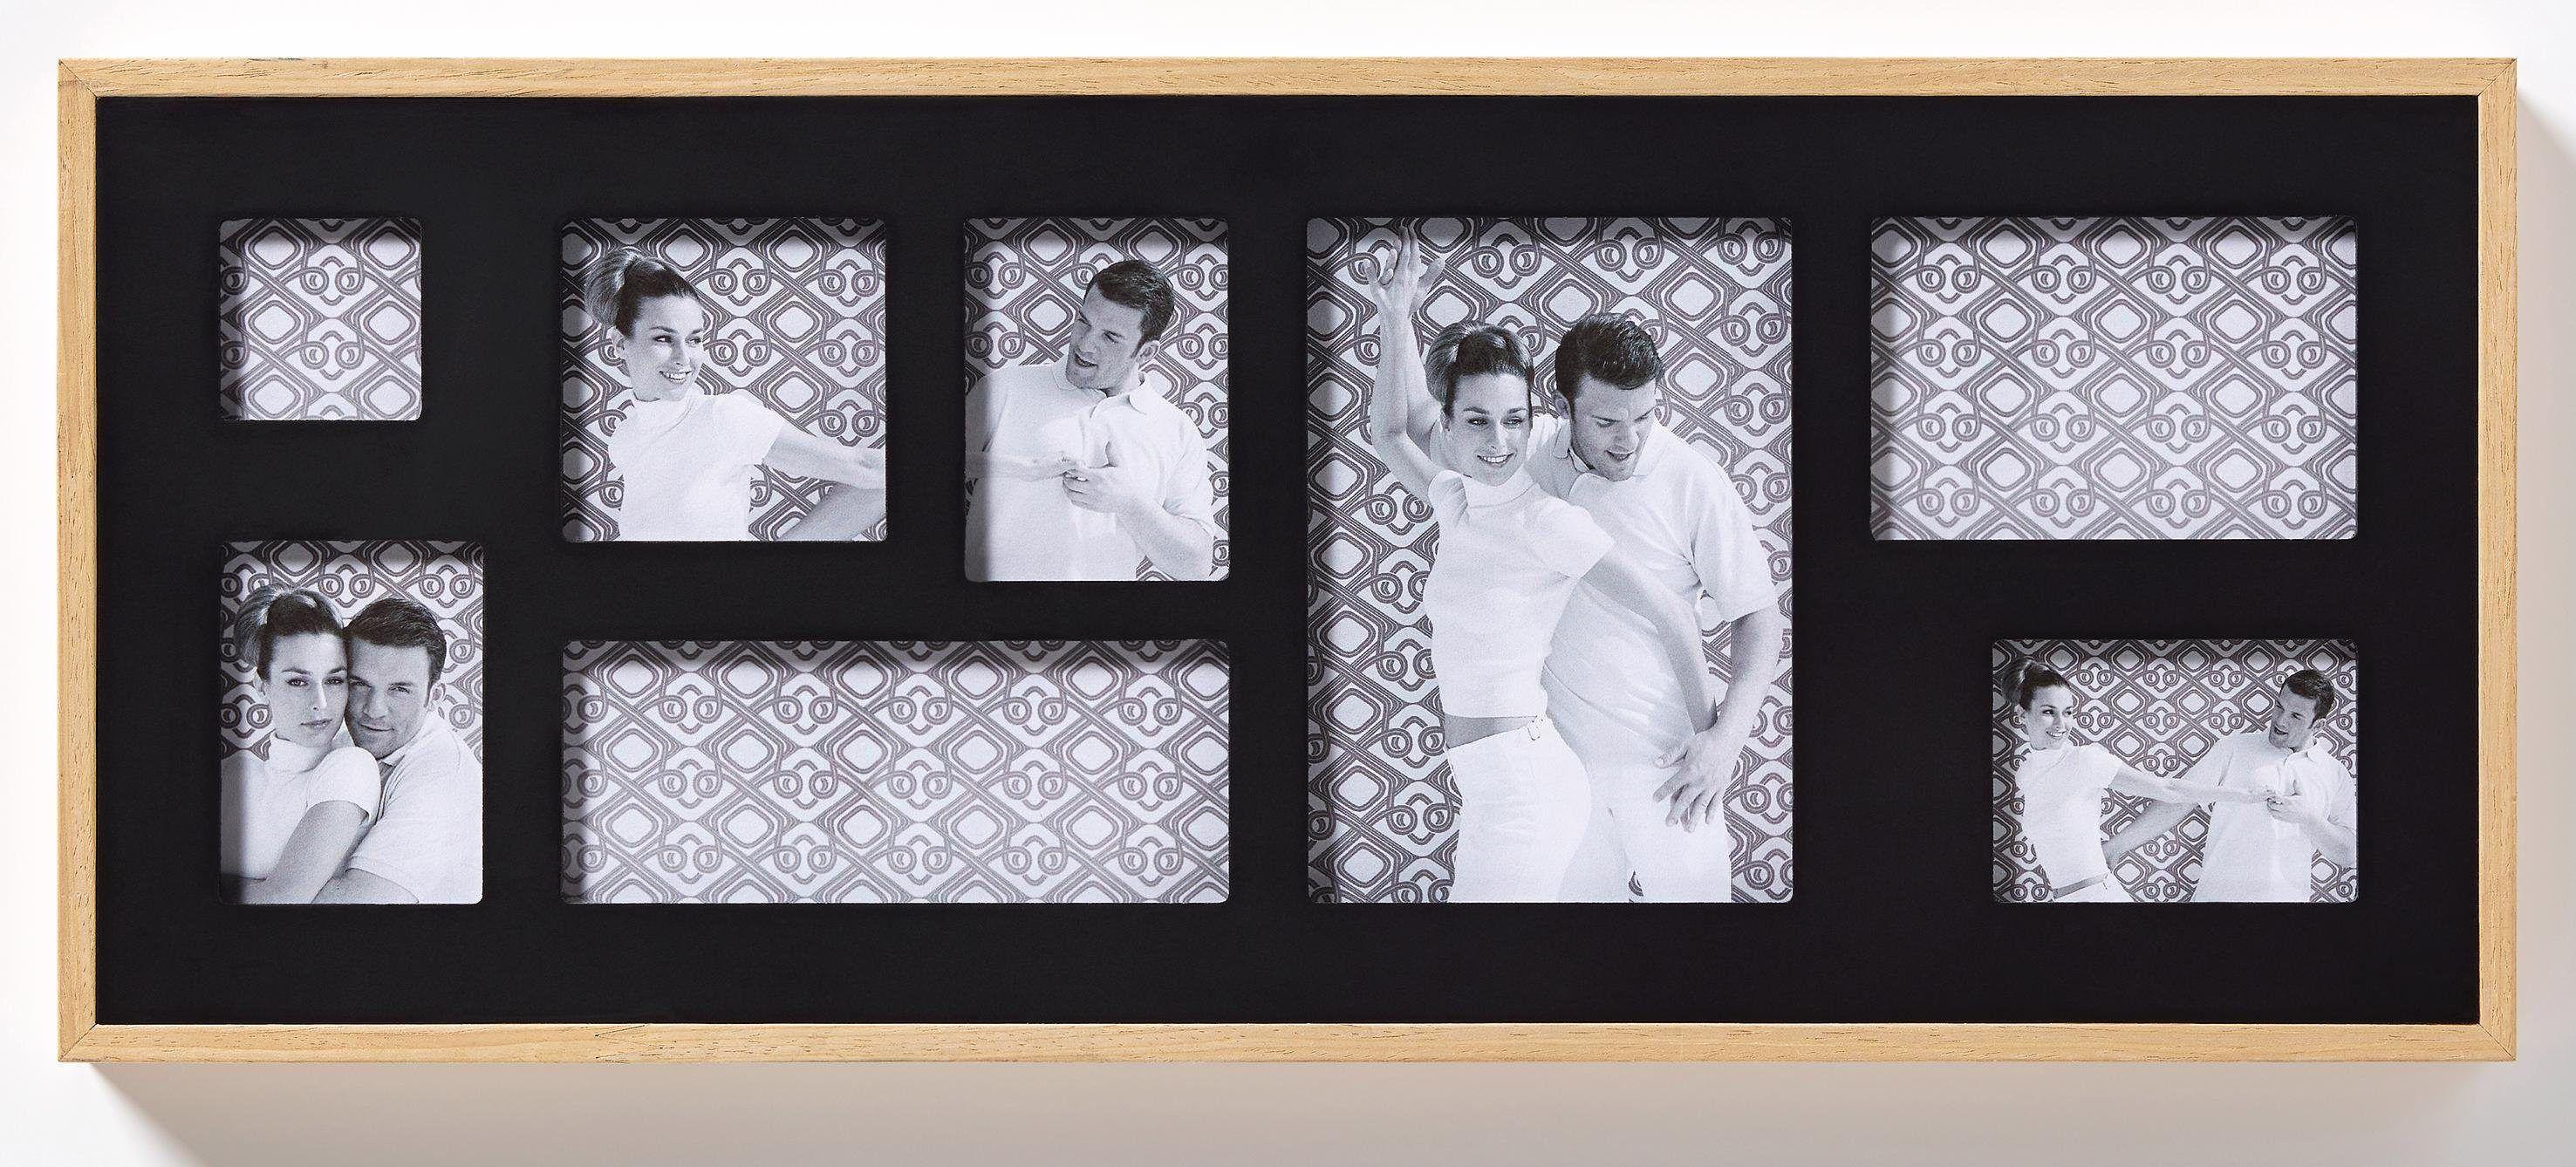 Home affaire Galeriebilderrahmen »Double« schwarz Jetzt bestellen unter: https://moebel.ladendirekt.de/dekoration/bilder-und-rahmen/rahmen/?uid=7359e58a-8a69-5712-bec1-60b865e25cfb&utm_source=pinterest&utm_medium=pin&utm_campaign=boards #bilder #rahmen #dekoration